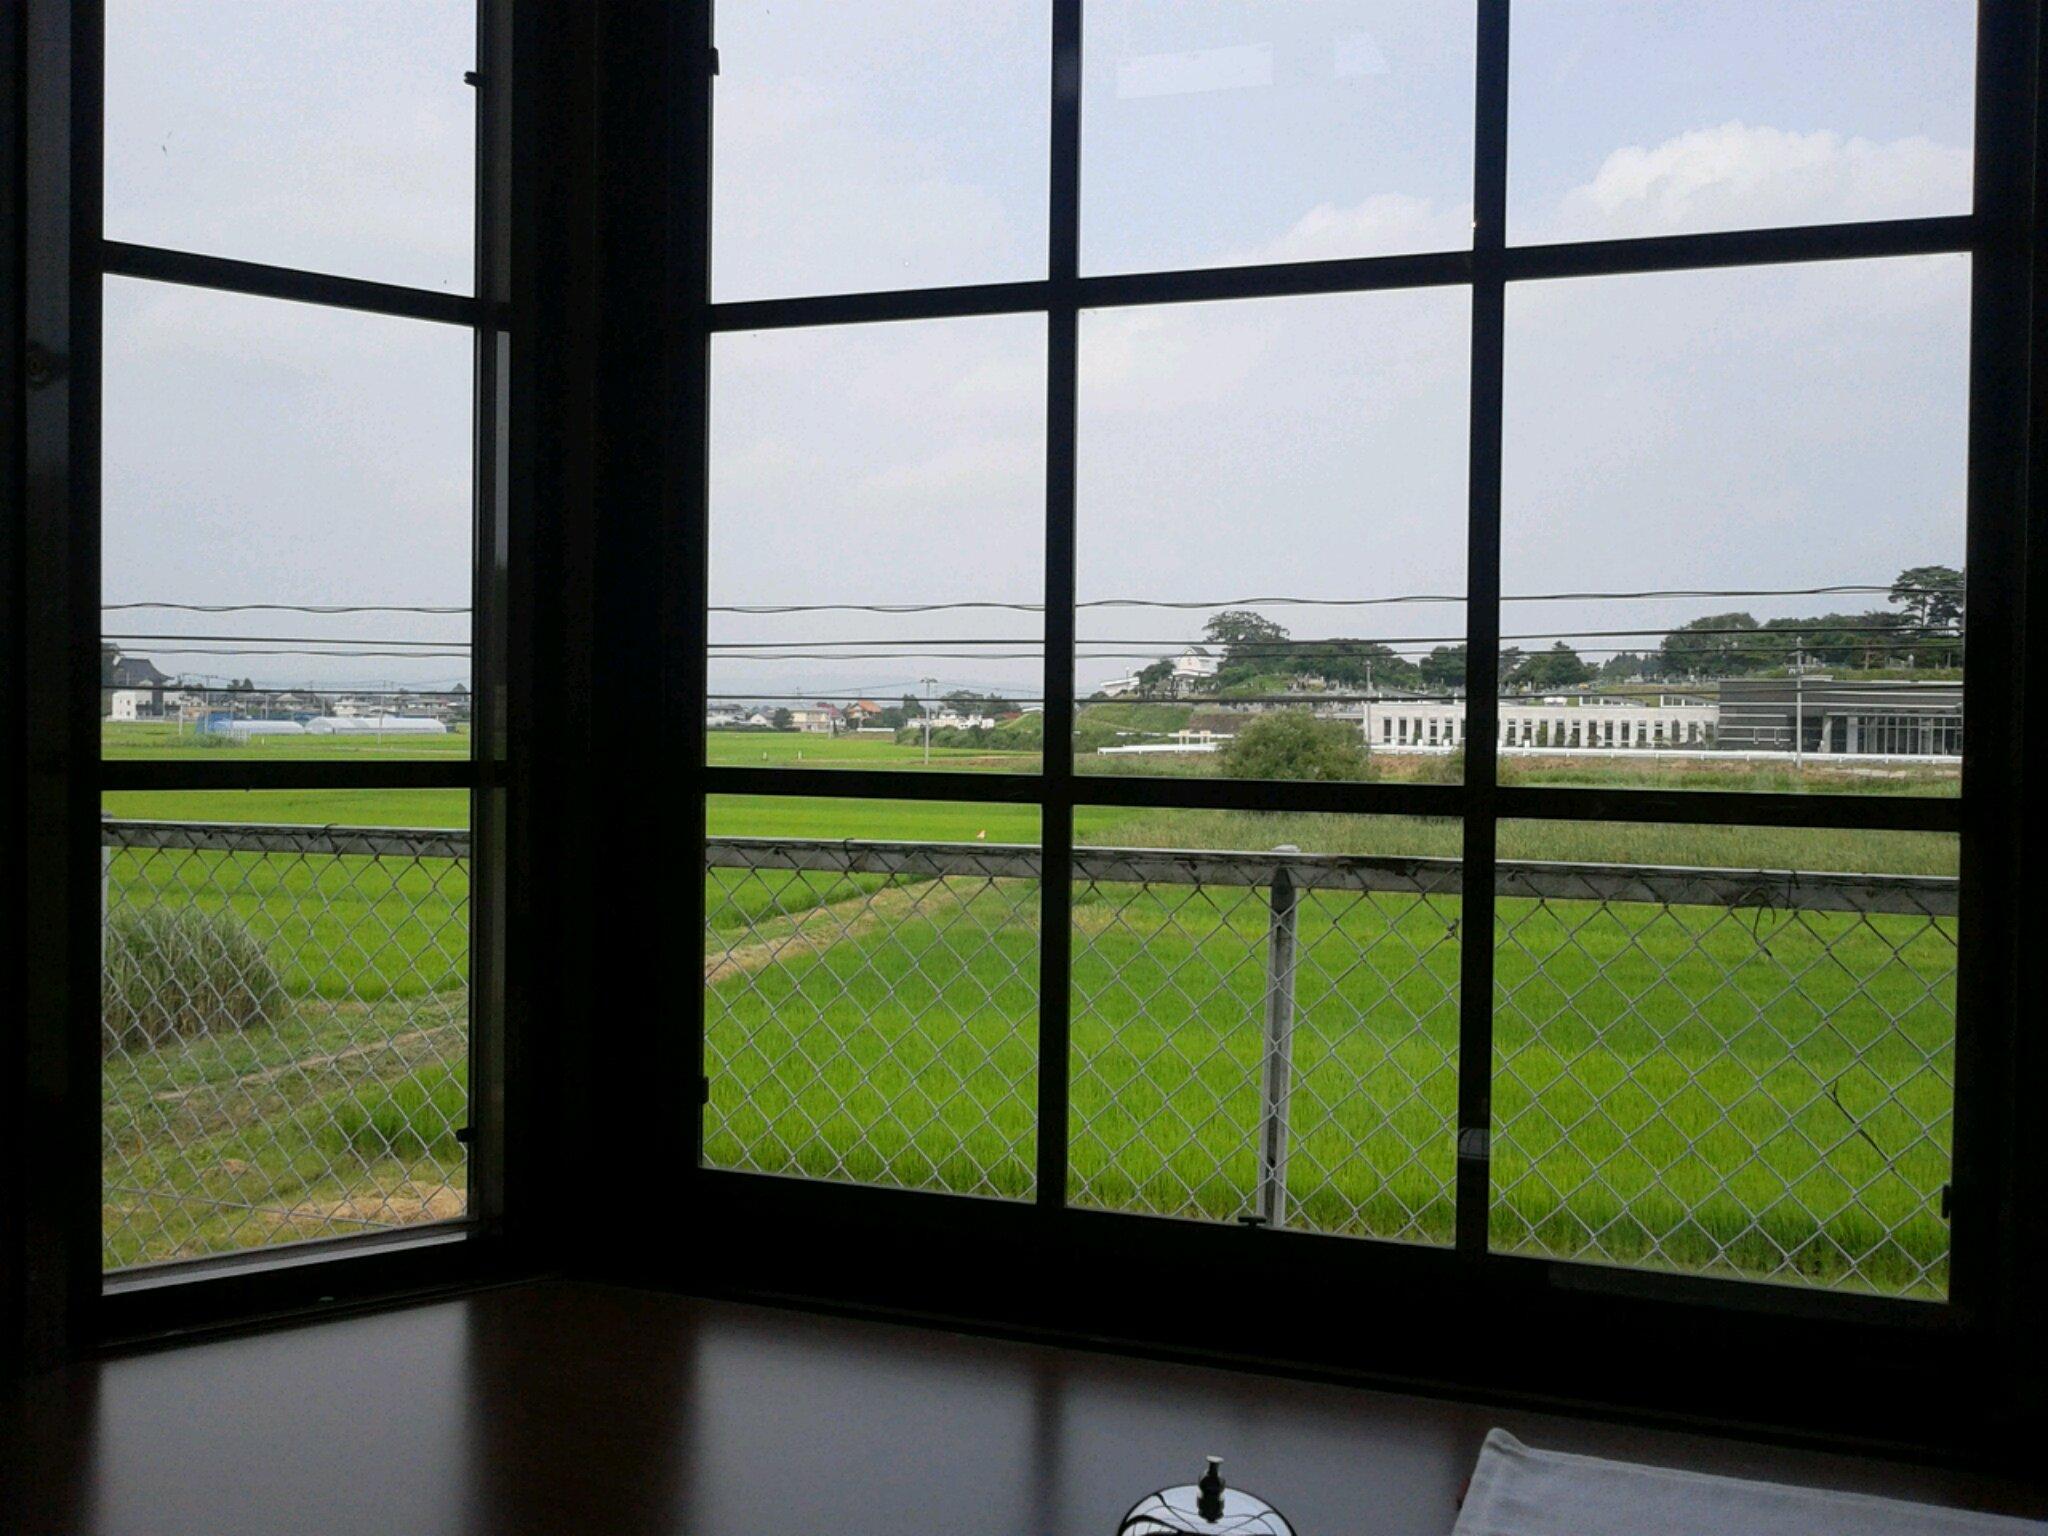 田園喫茶 窓辺2